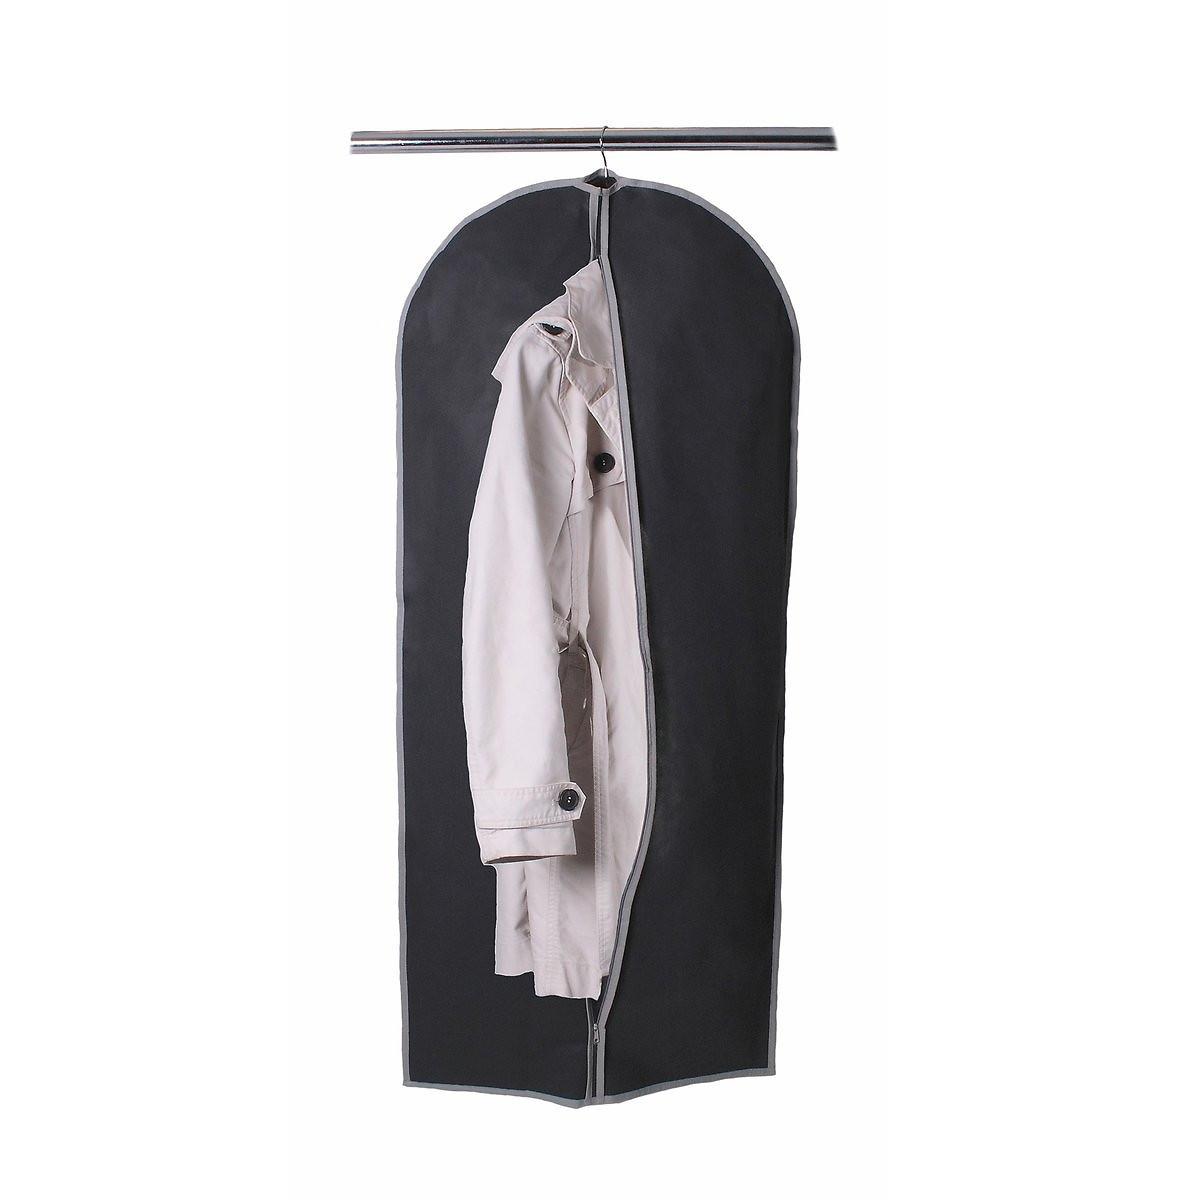 2 защитных LaRedoute Чехла для одежды единый размер серый